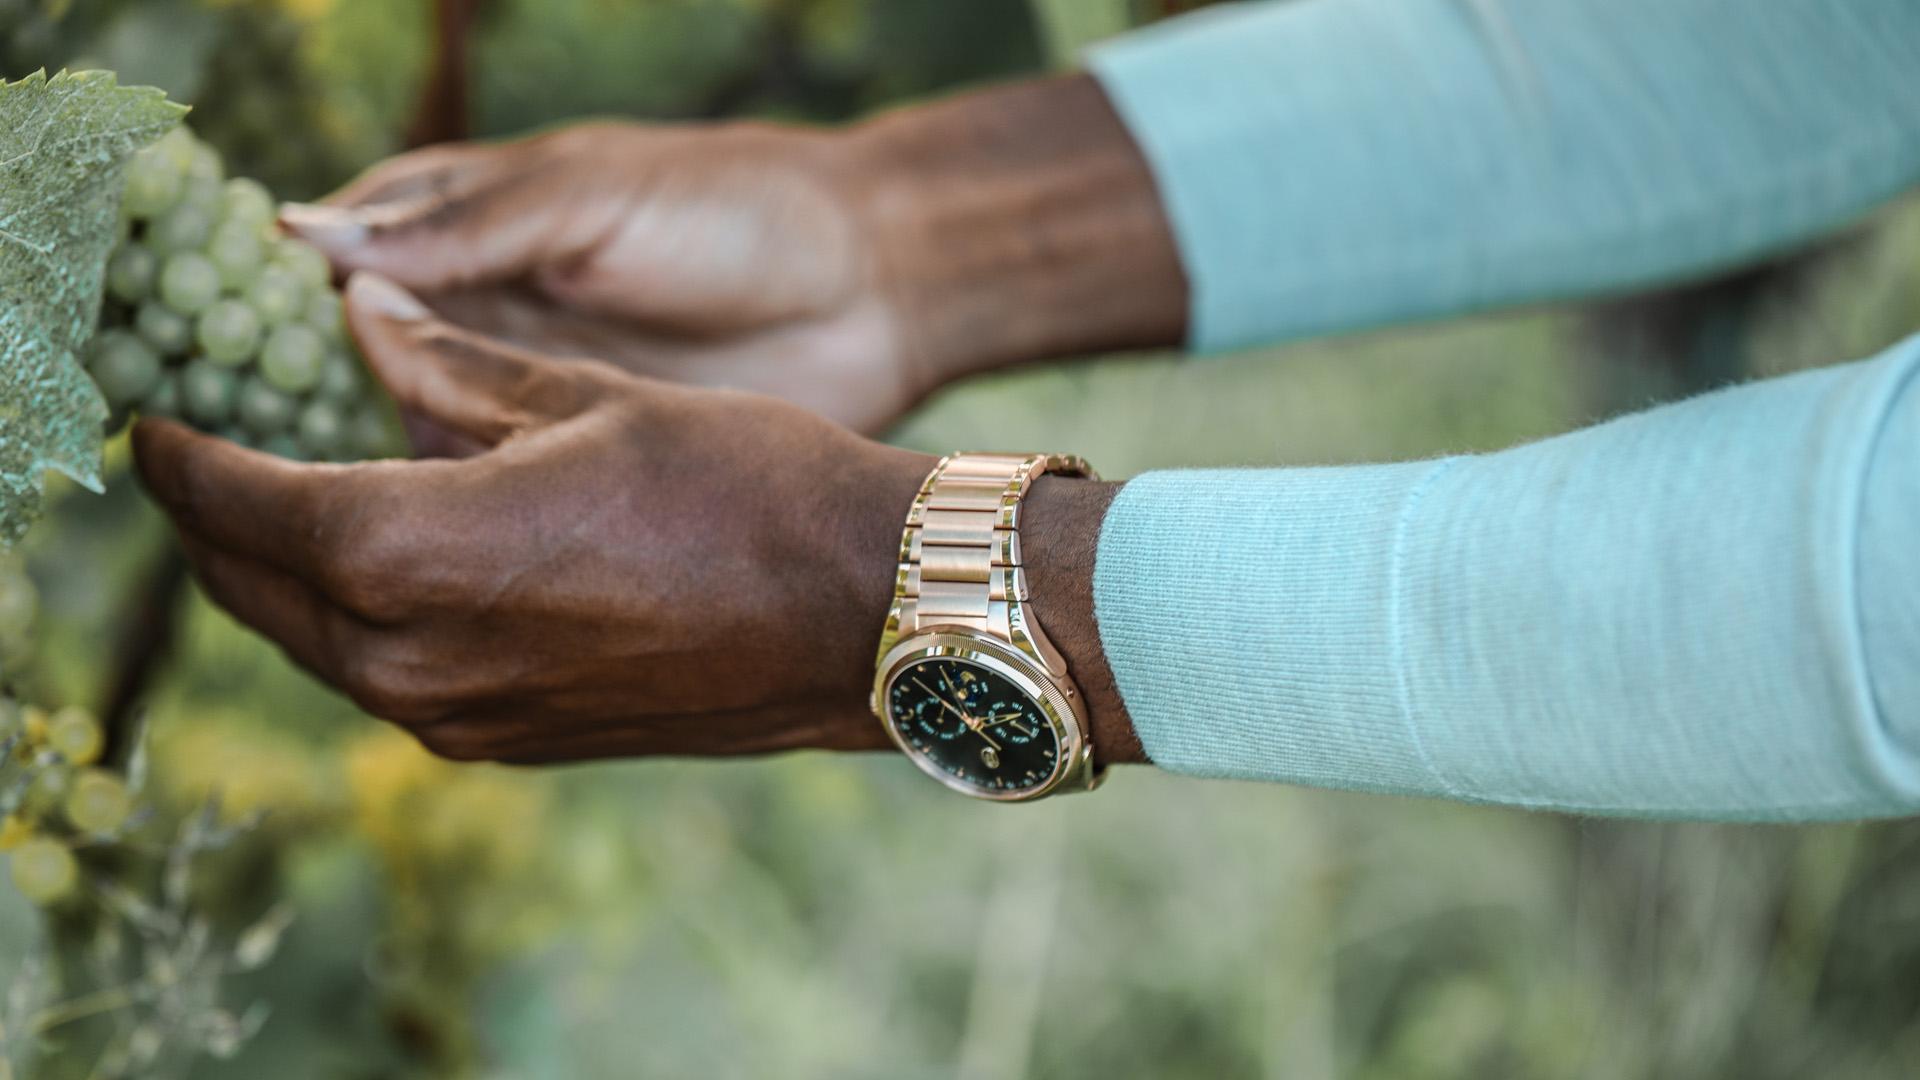 ساعات توندا Tonda PF تجسد أناقة الوقت وجمال التصميم